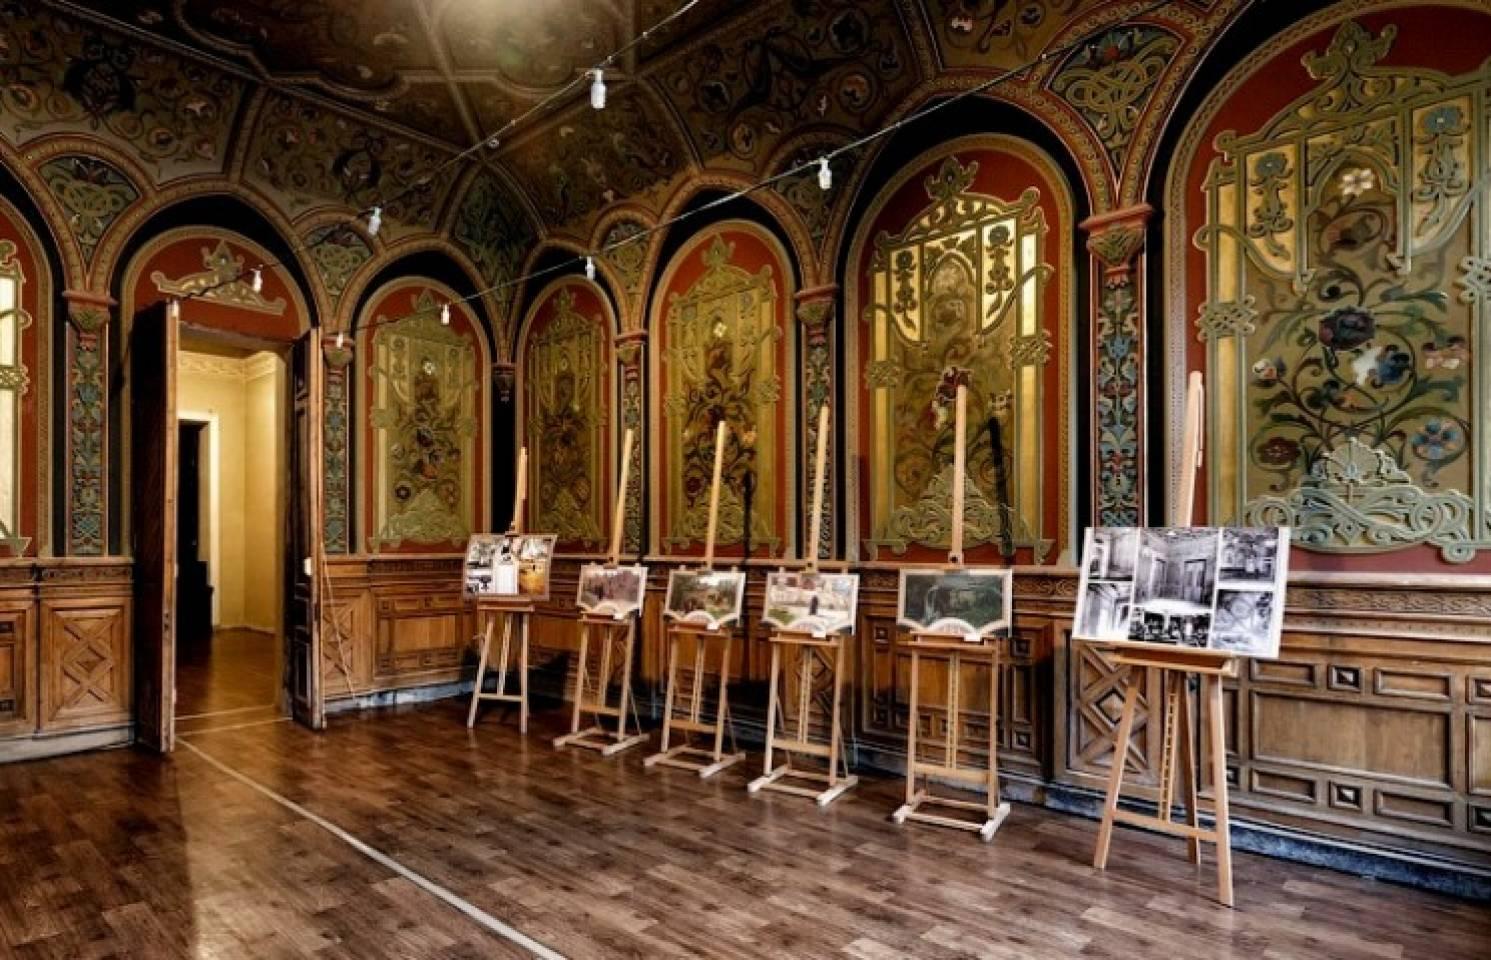 У березні столичні музеї запрошують на дні відкритих дверей (перелік) -  - shokoladnyj dom shokoladnyj domik shokoladnyj dom kiev shokoladnyj domik kiev muzej shokoladnyj domi 59b6953d65495